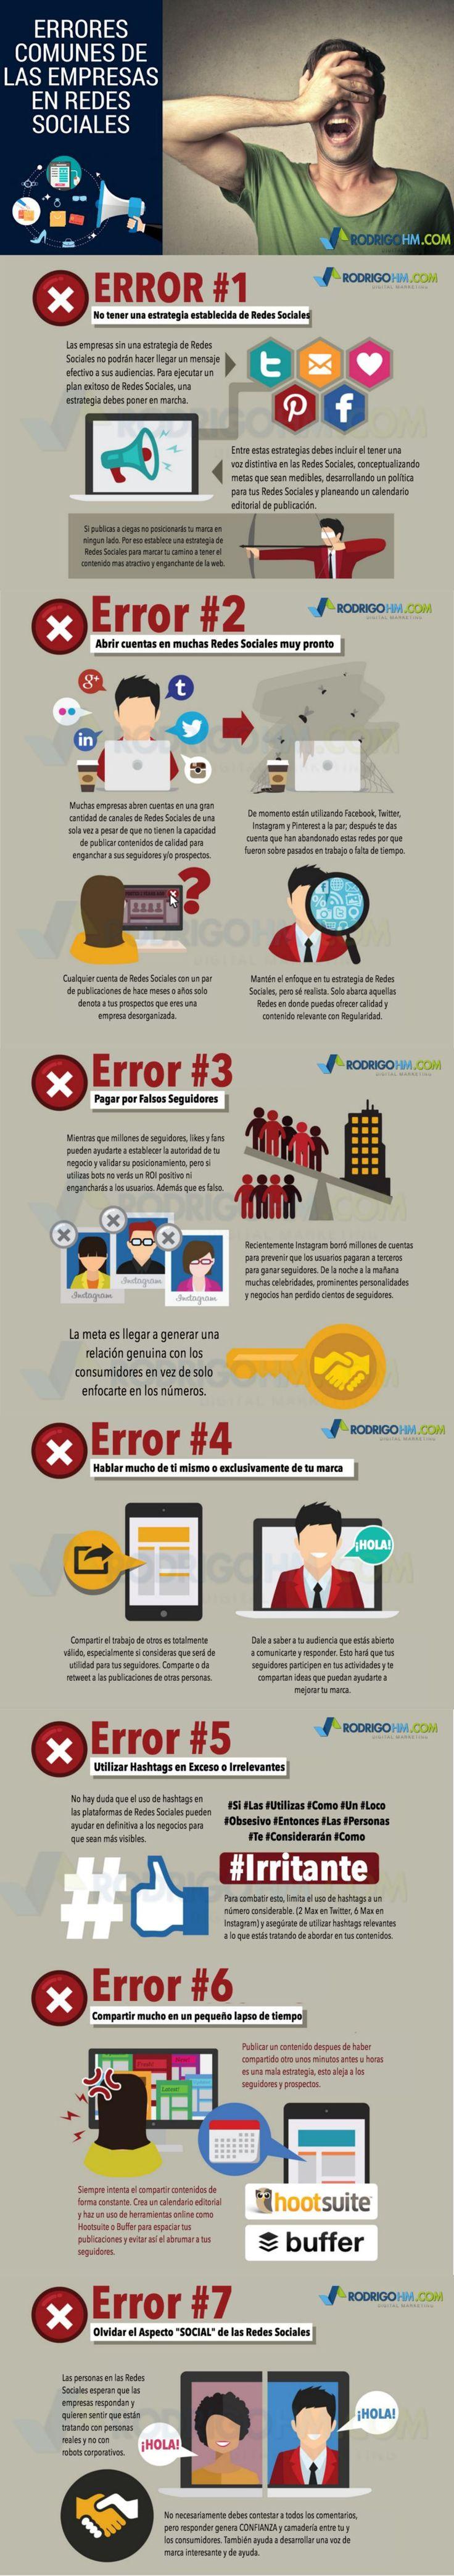 7 Errores habituales de Empresas en Redes Sociales